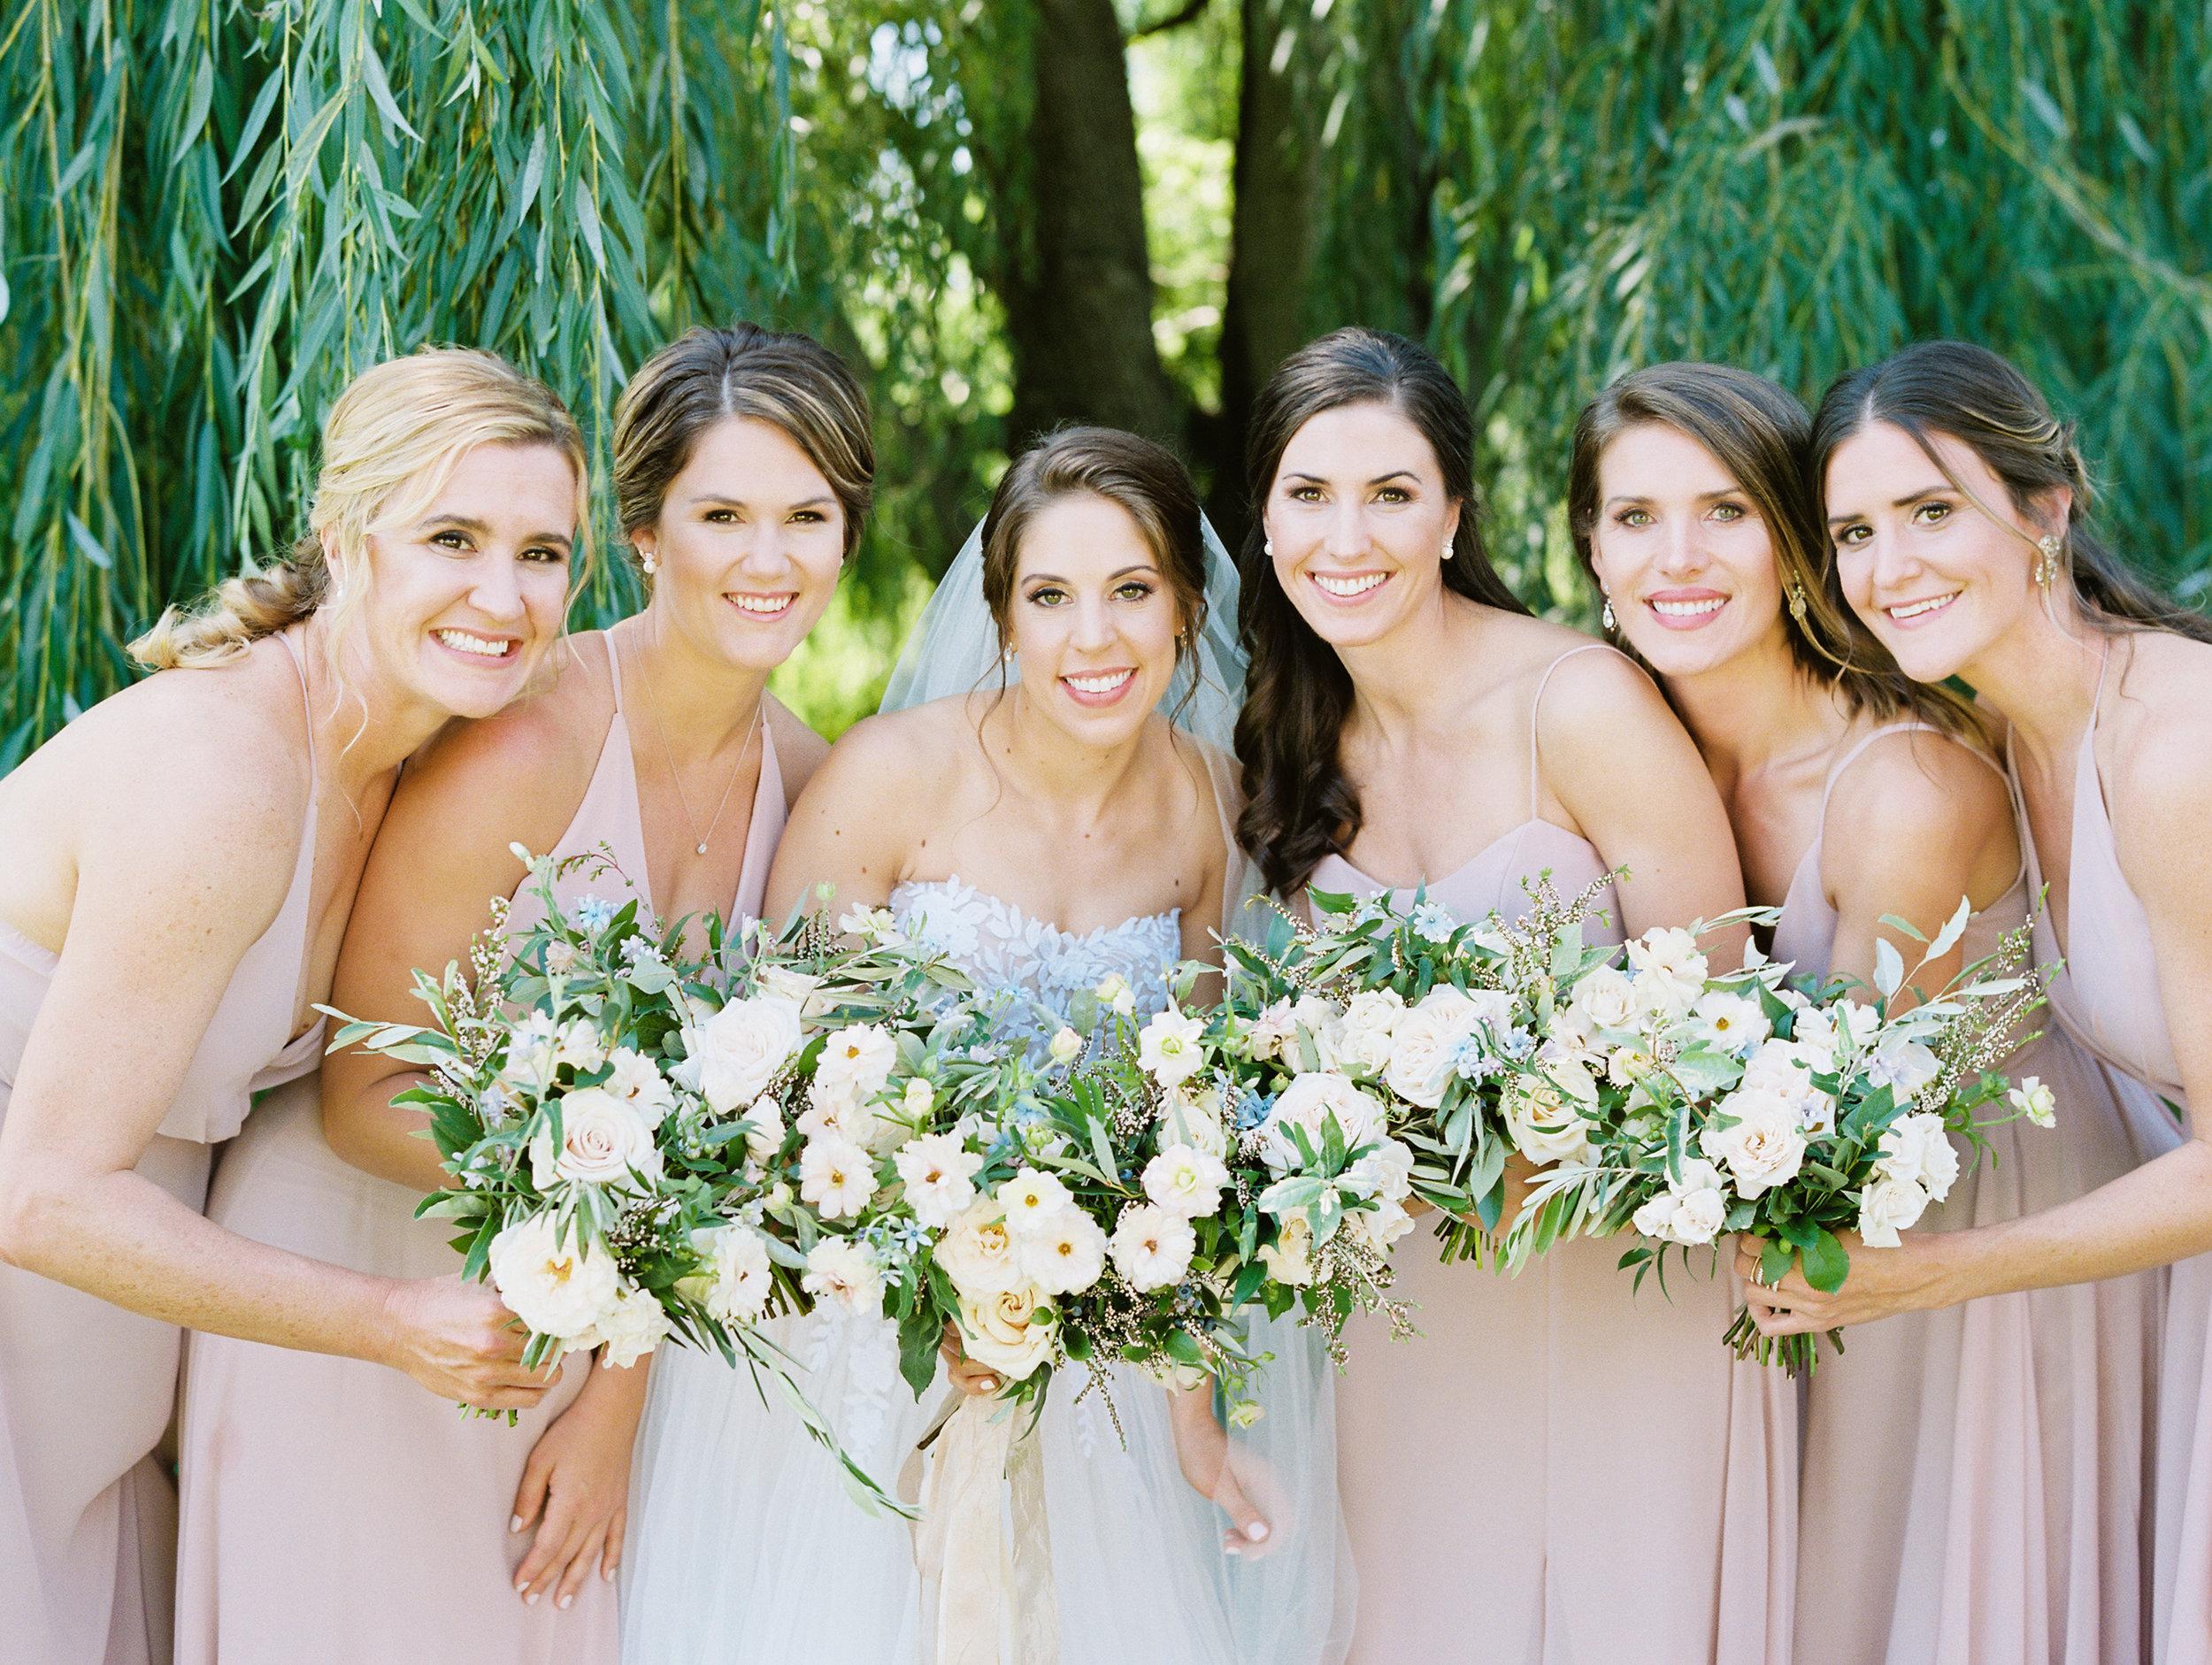 Steinlage+Wedding+Bridal+Party-57.jpg